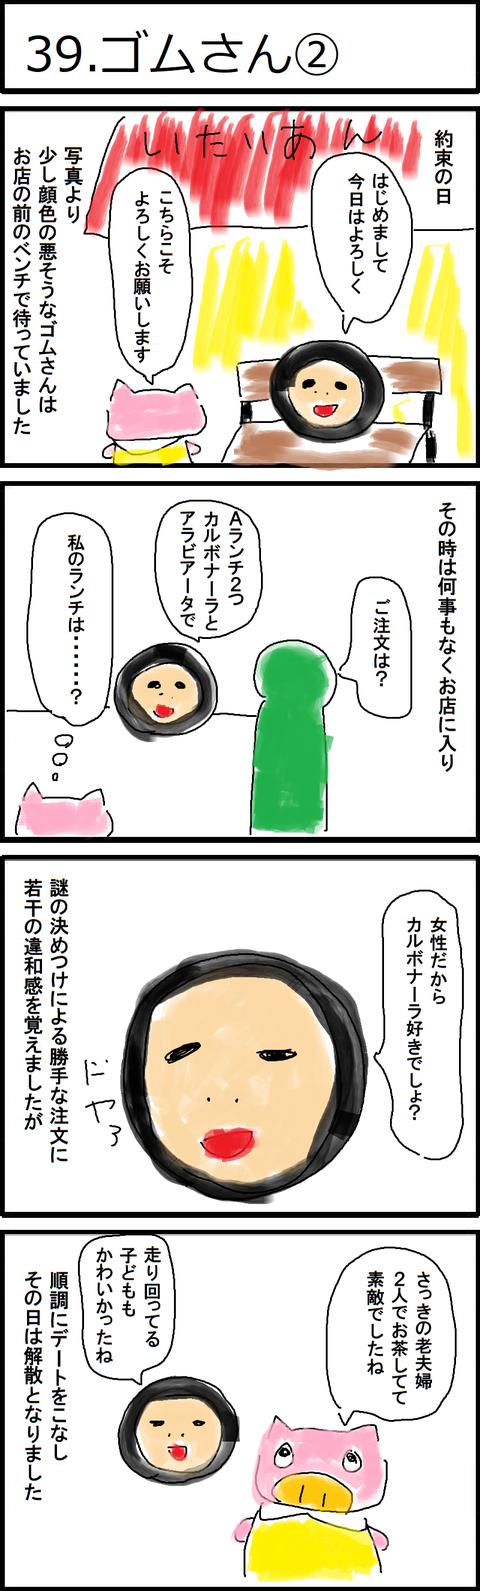 39.ゴムさん②